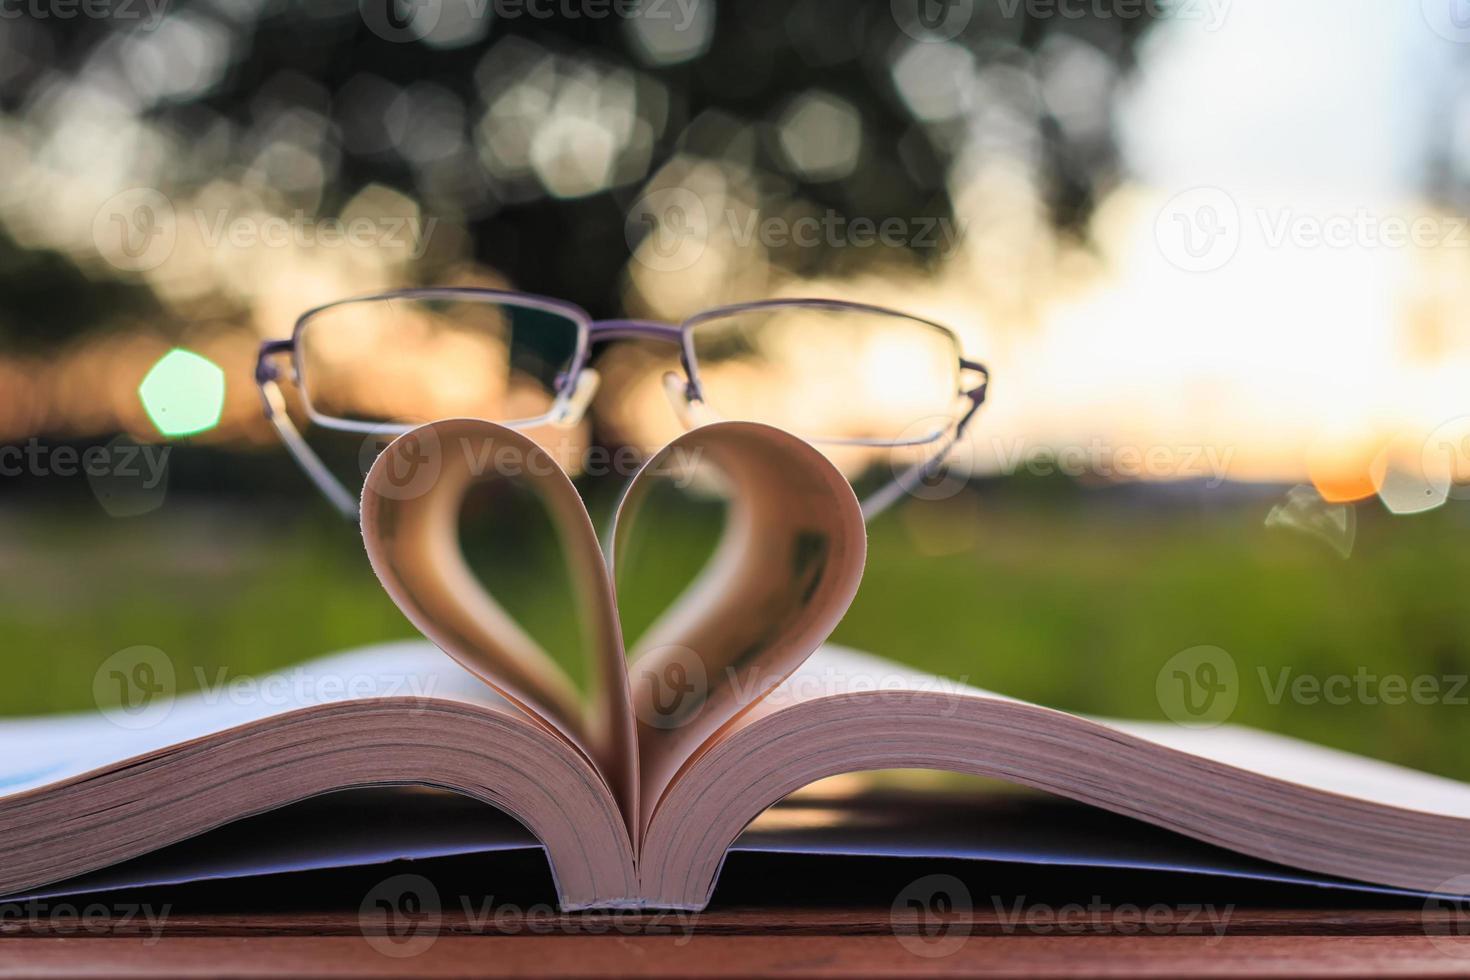 close-up boek en glazen op tafel op zonsondergang tijd foto